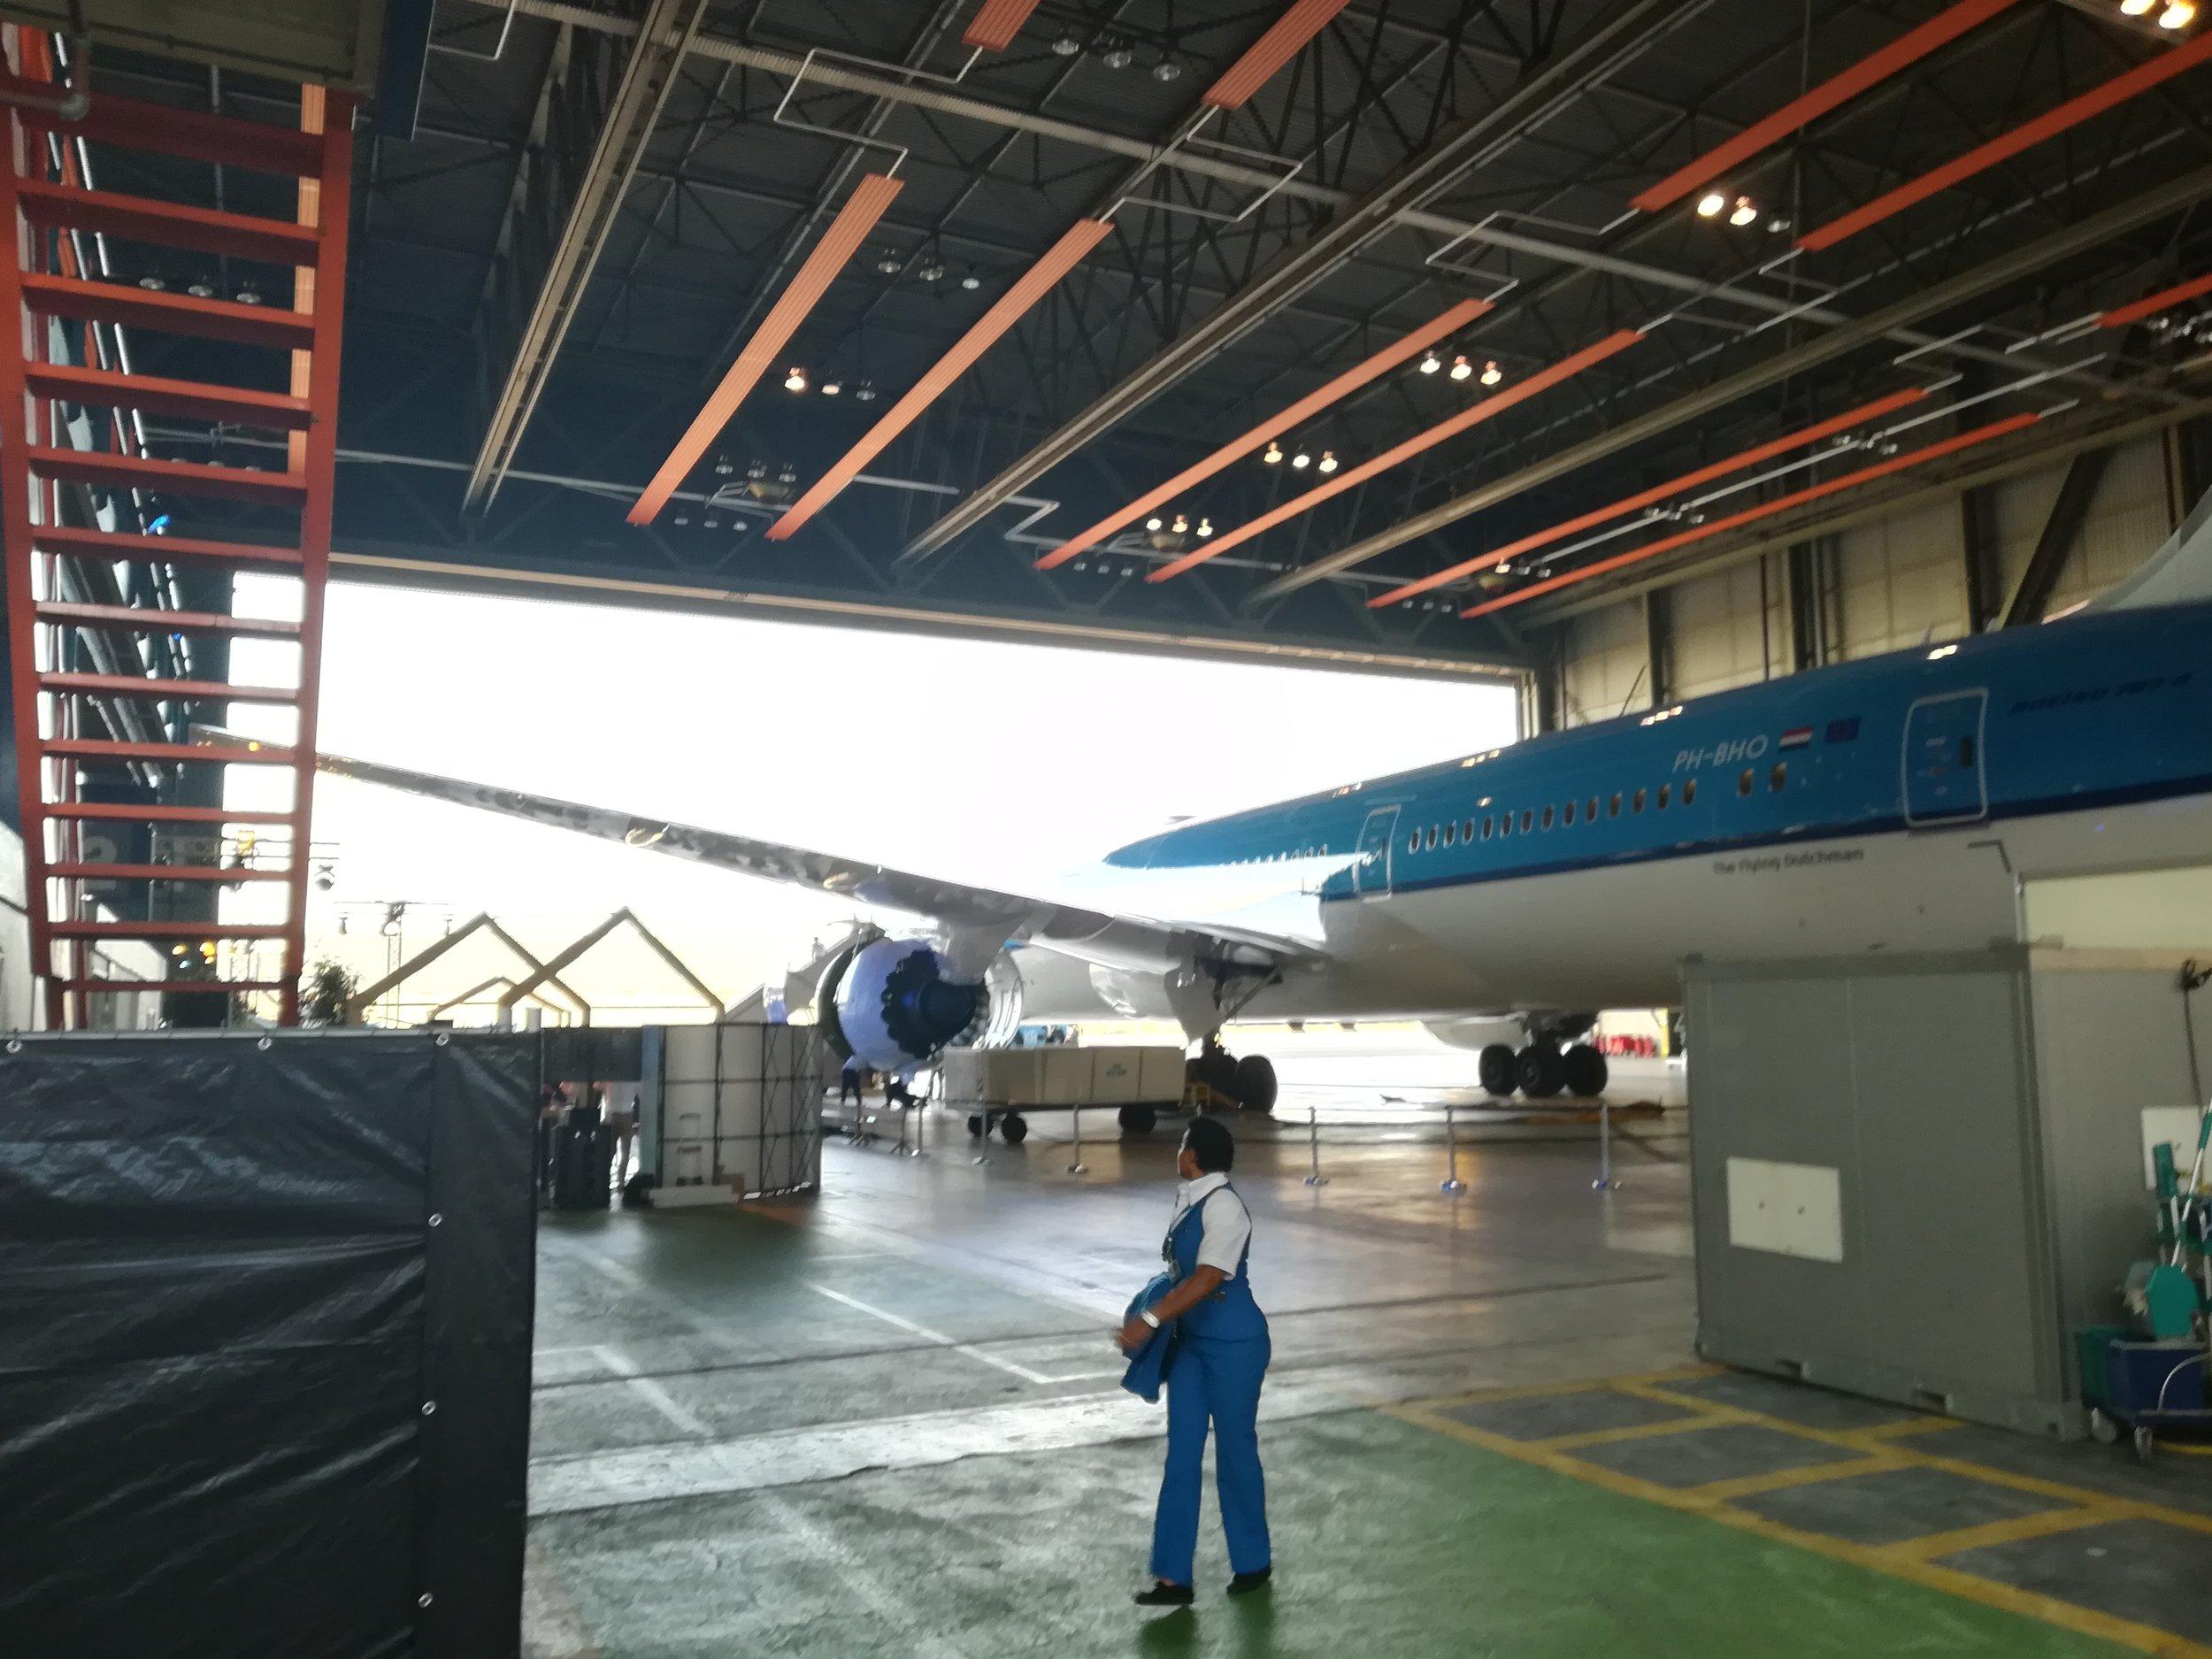 Dag Boeing! Fijne vlucht!